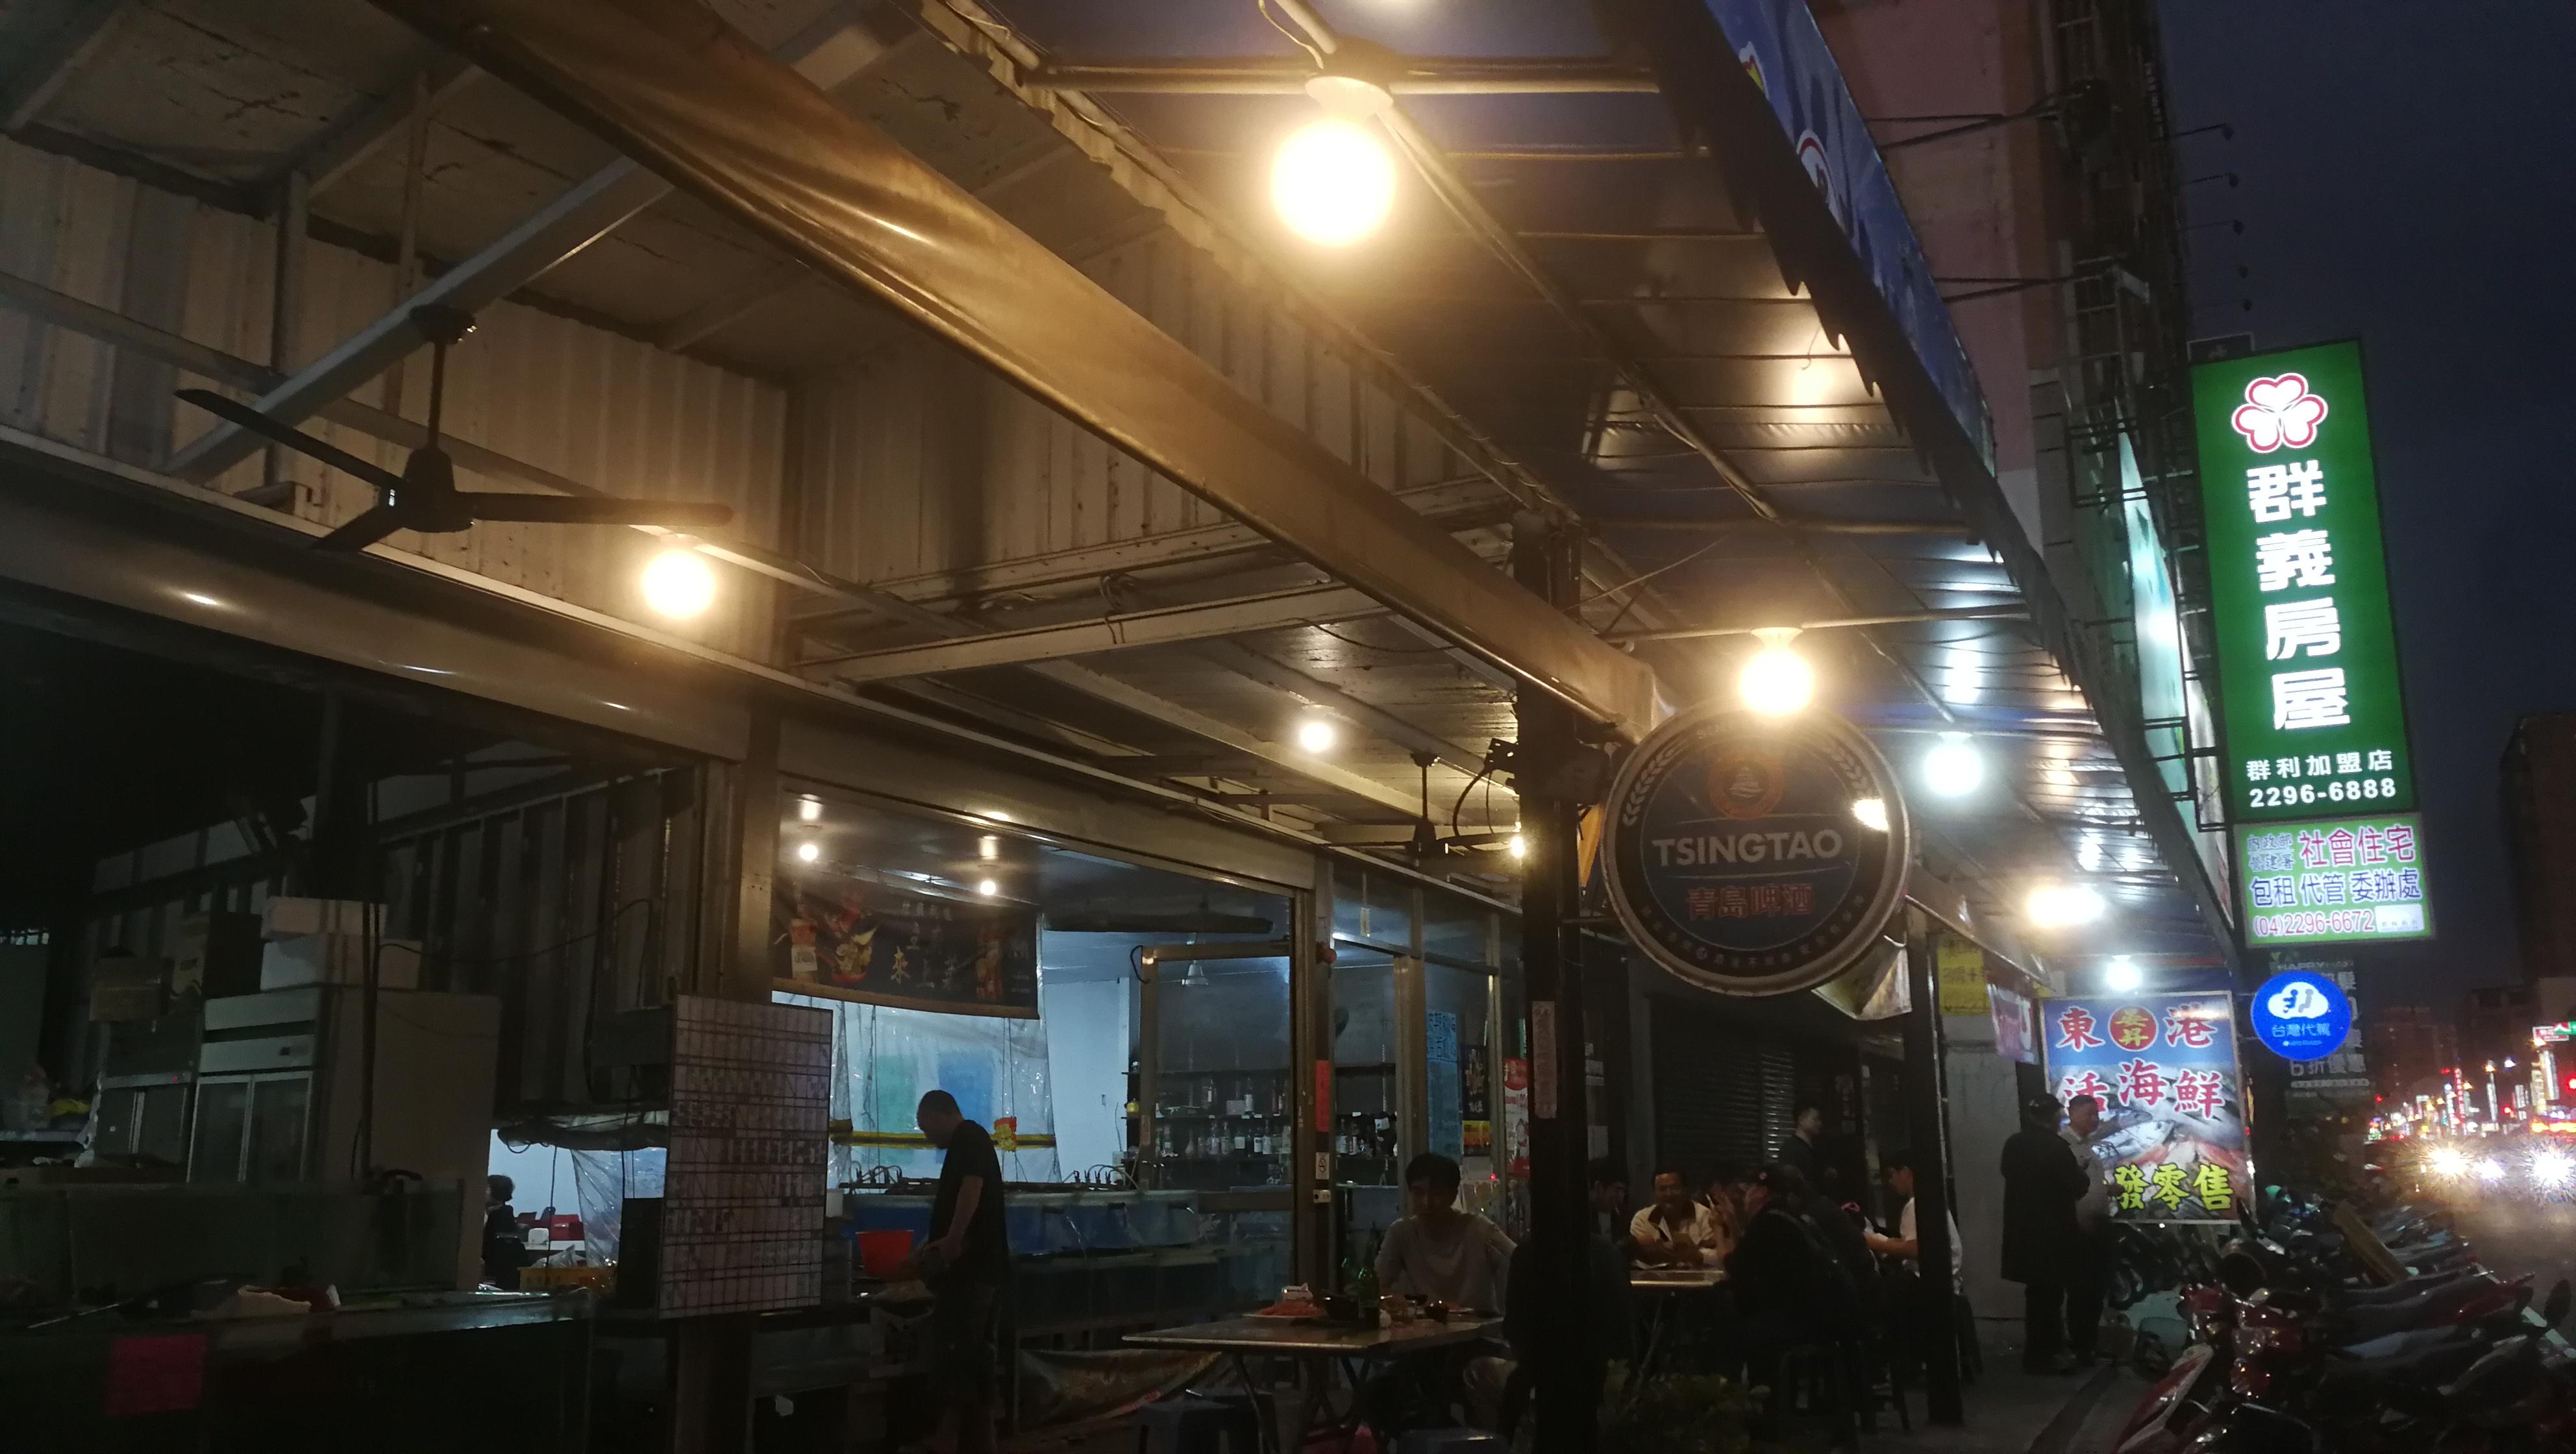 2020年1月23日晚,台中市西屯区,一家生意兴隆的街边海产排档。